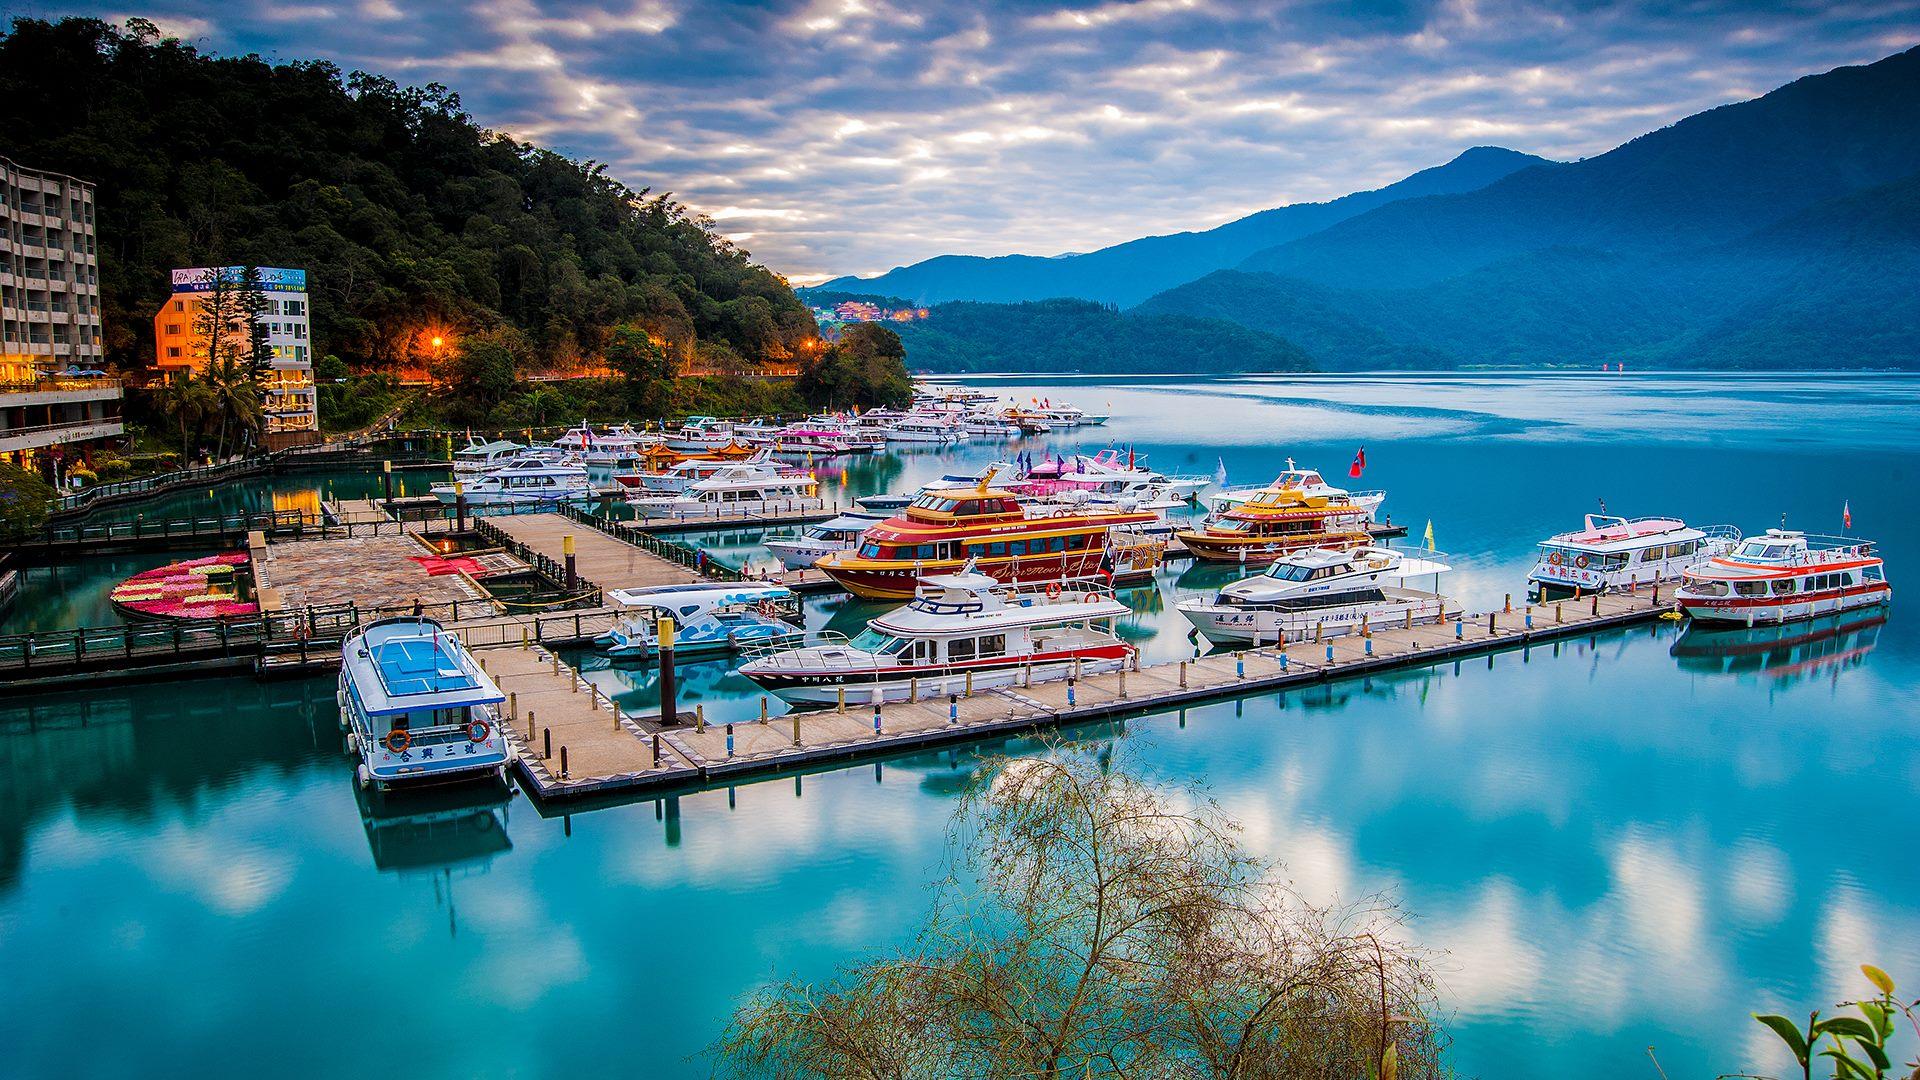 Tour Du Lịch Đài Loan 4 Ngày 3 Đêm: Cao Hùng - Đài Trung - Nam Đầu - Đài Bắc